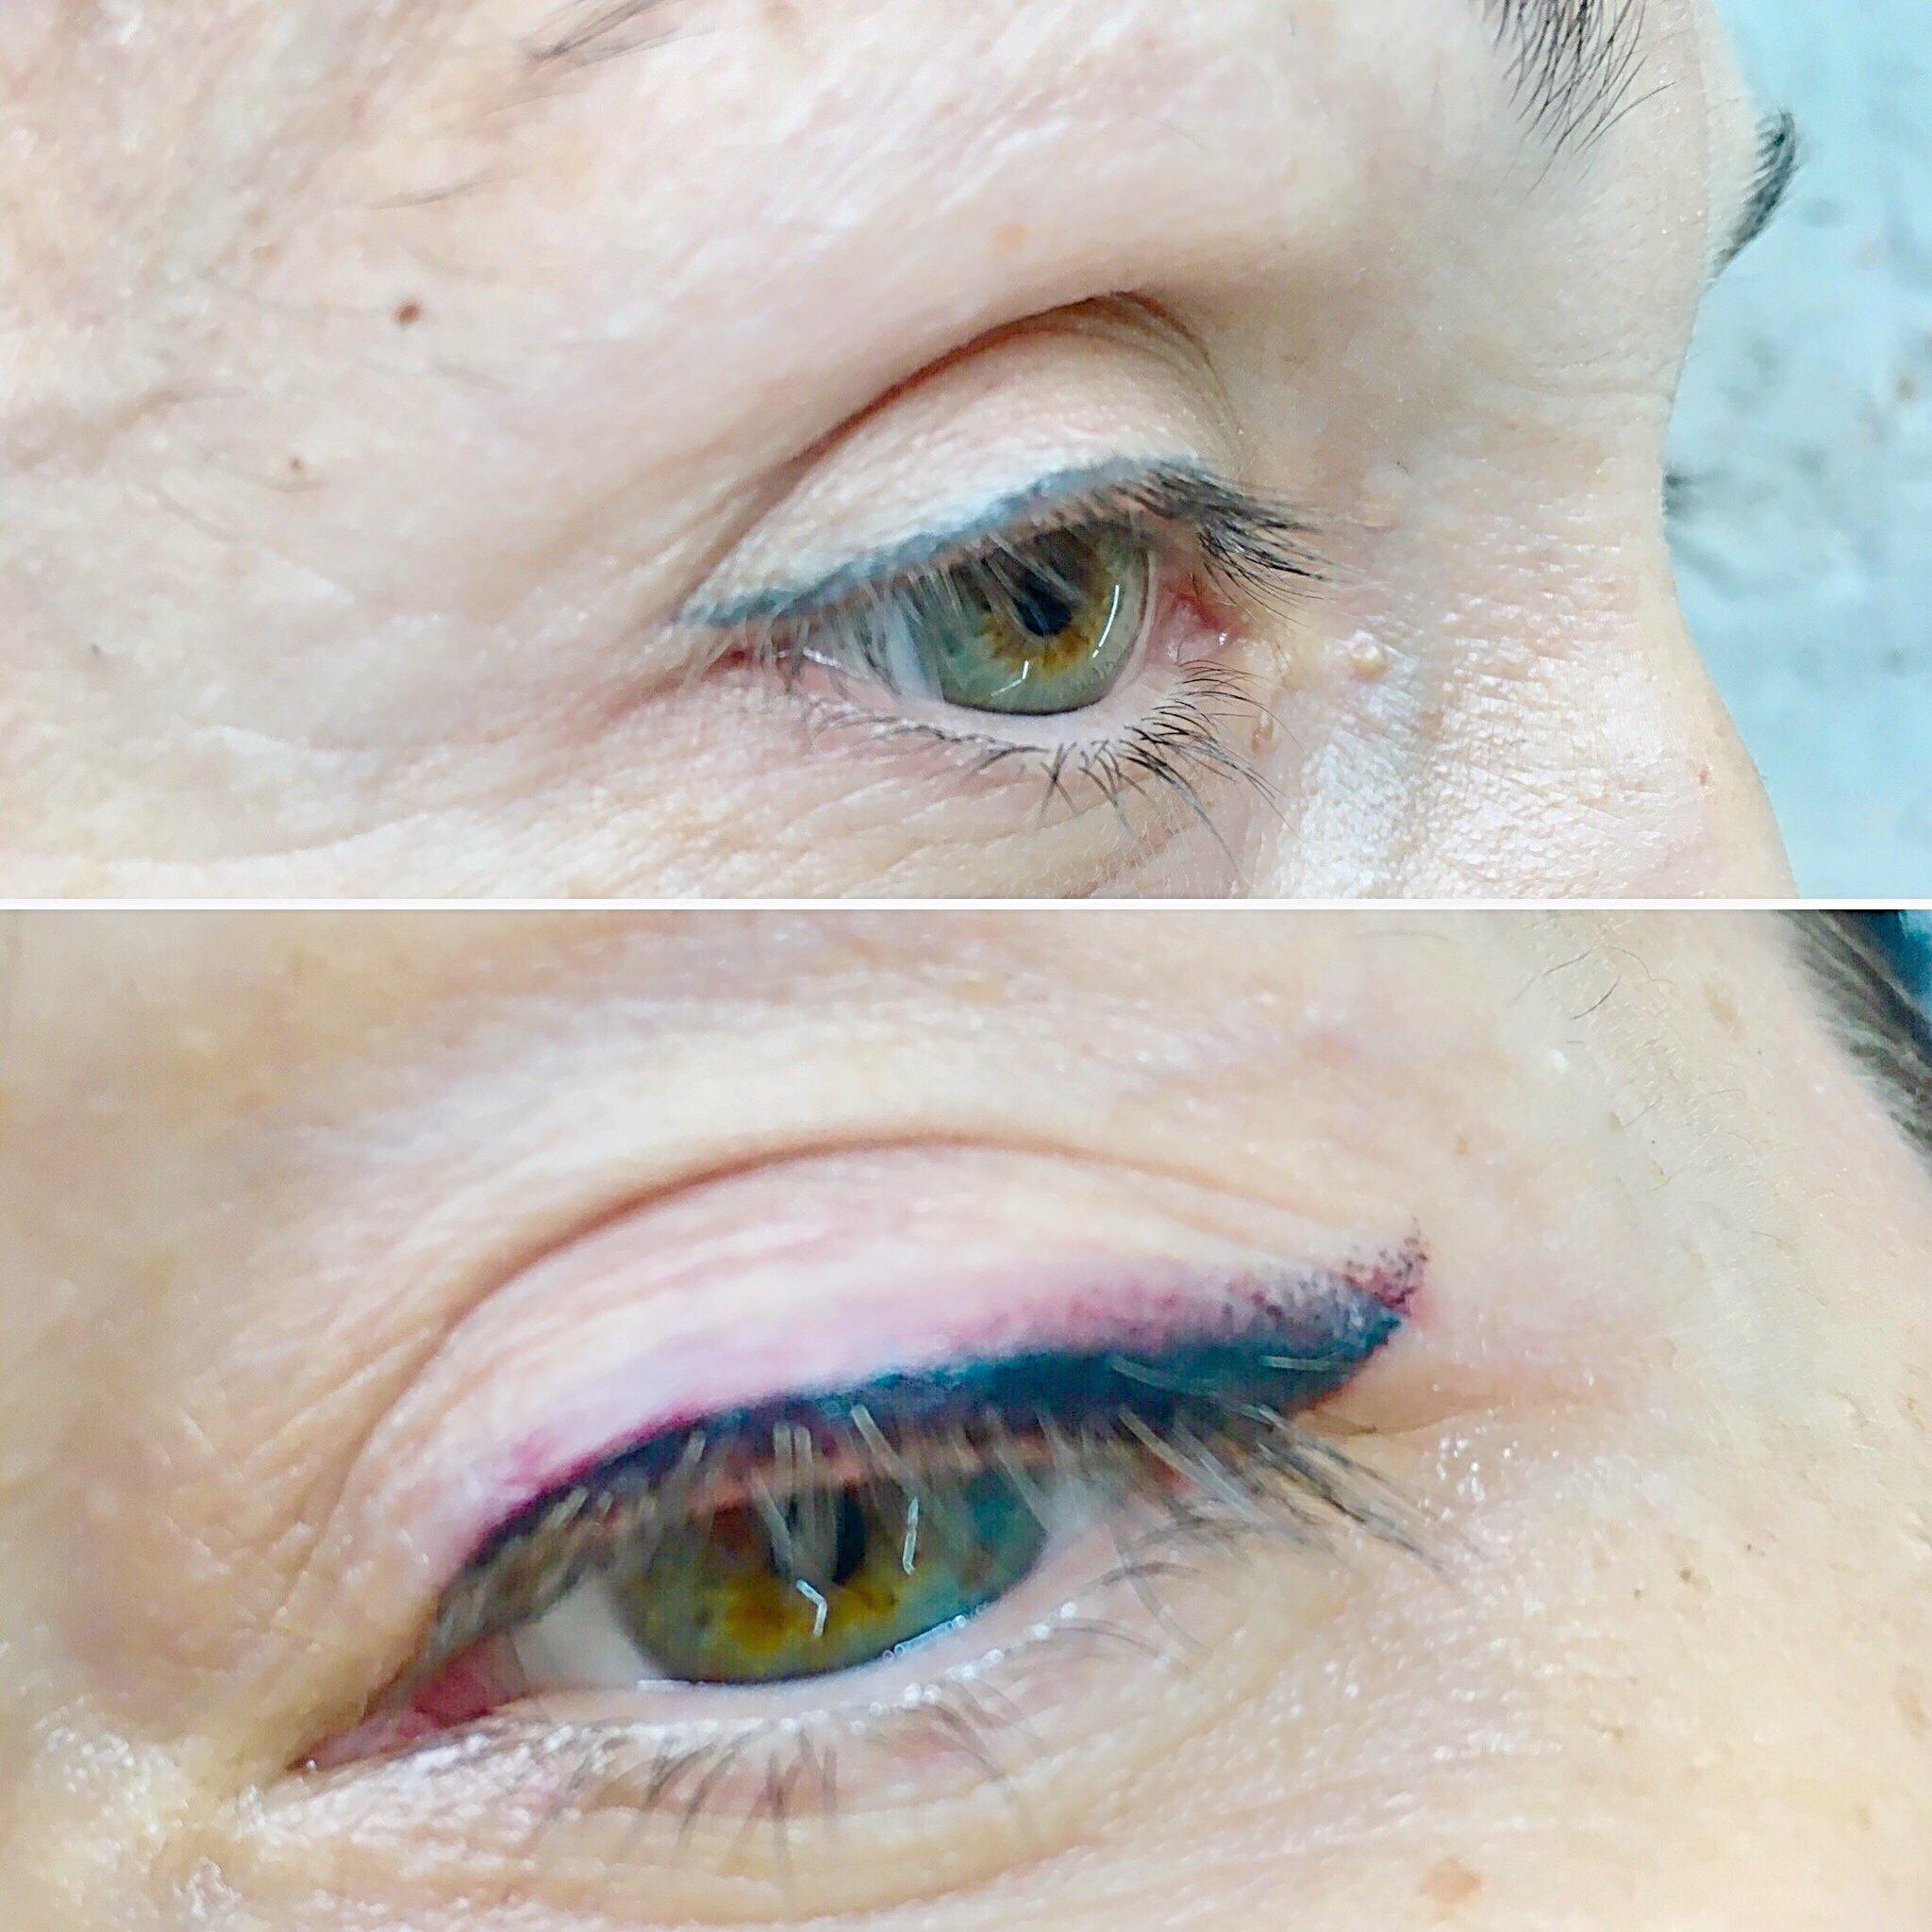 исправление татуажа глаз фото учеников несоизмеримы